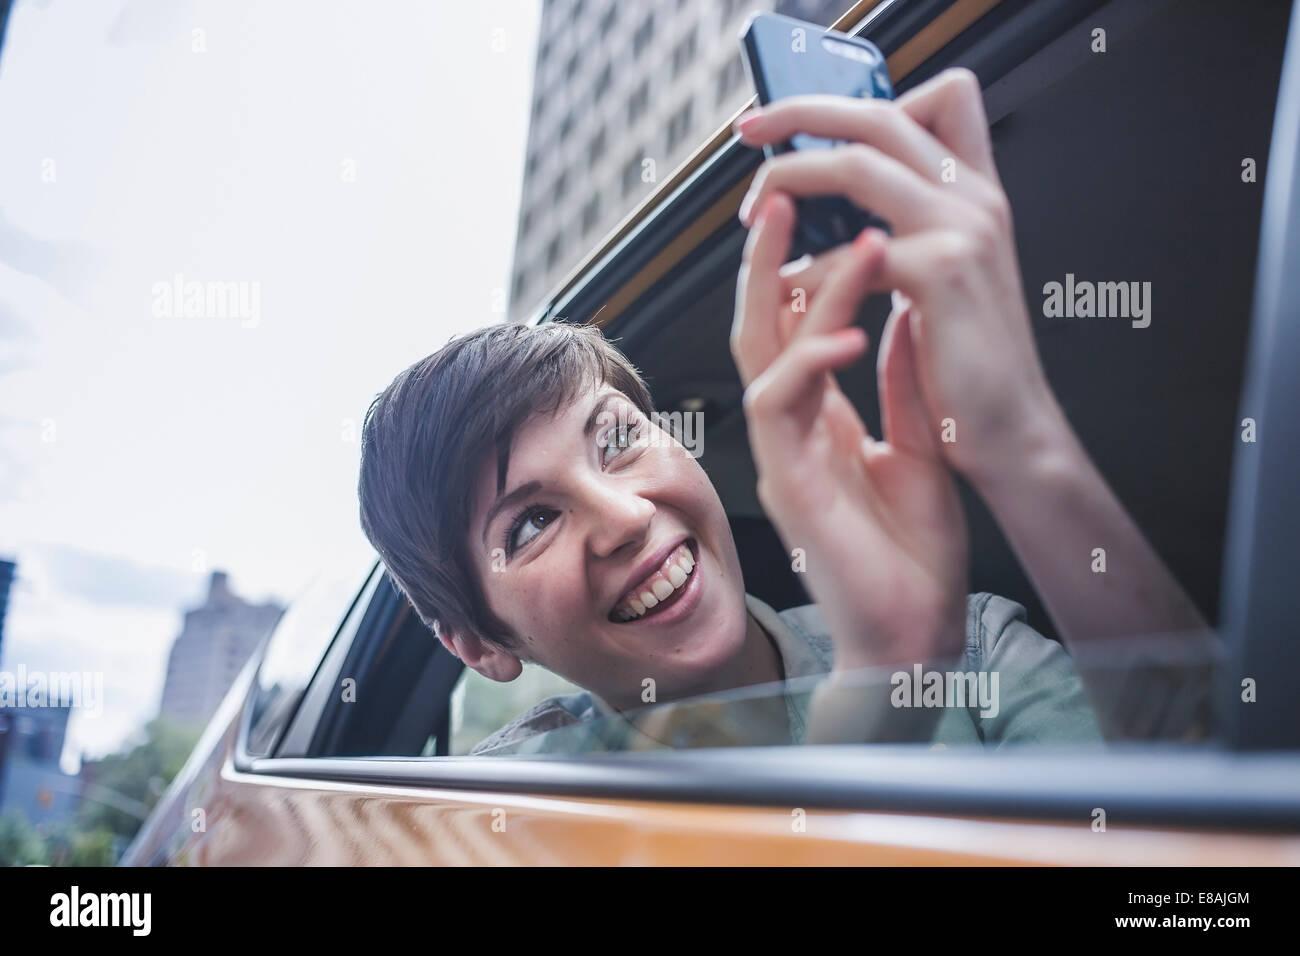 Donna fotografare da giallo taxi, New York, US Immagini Stock